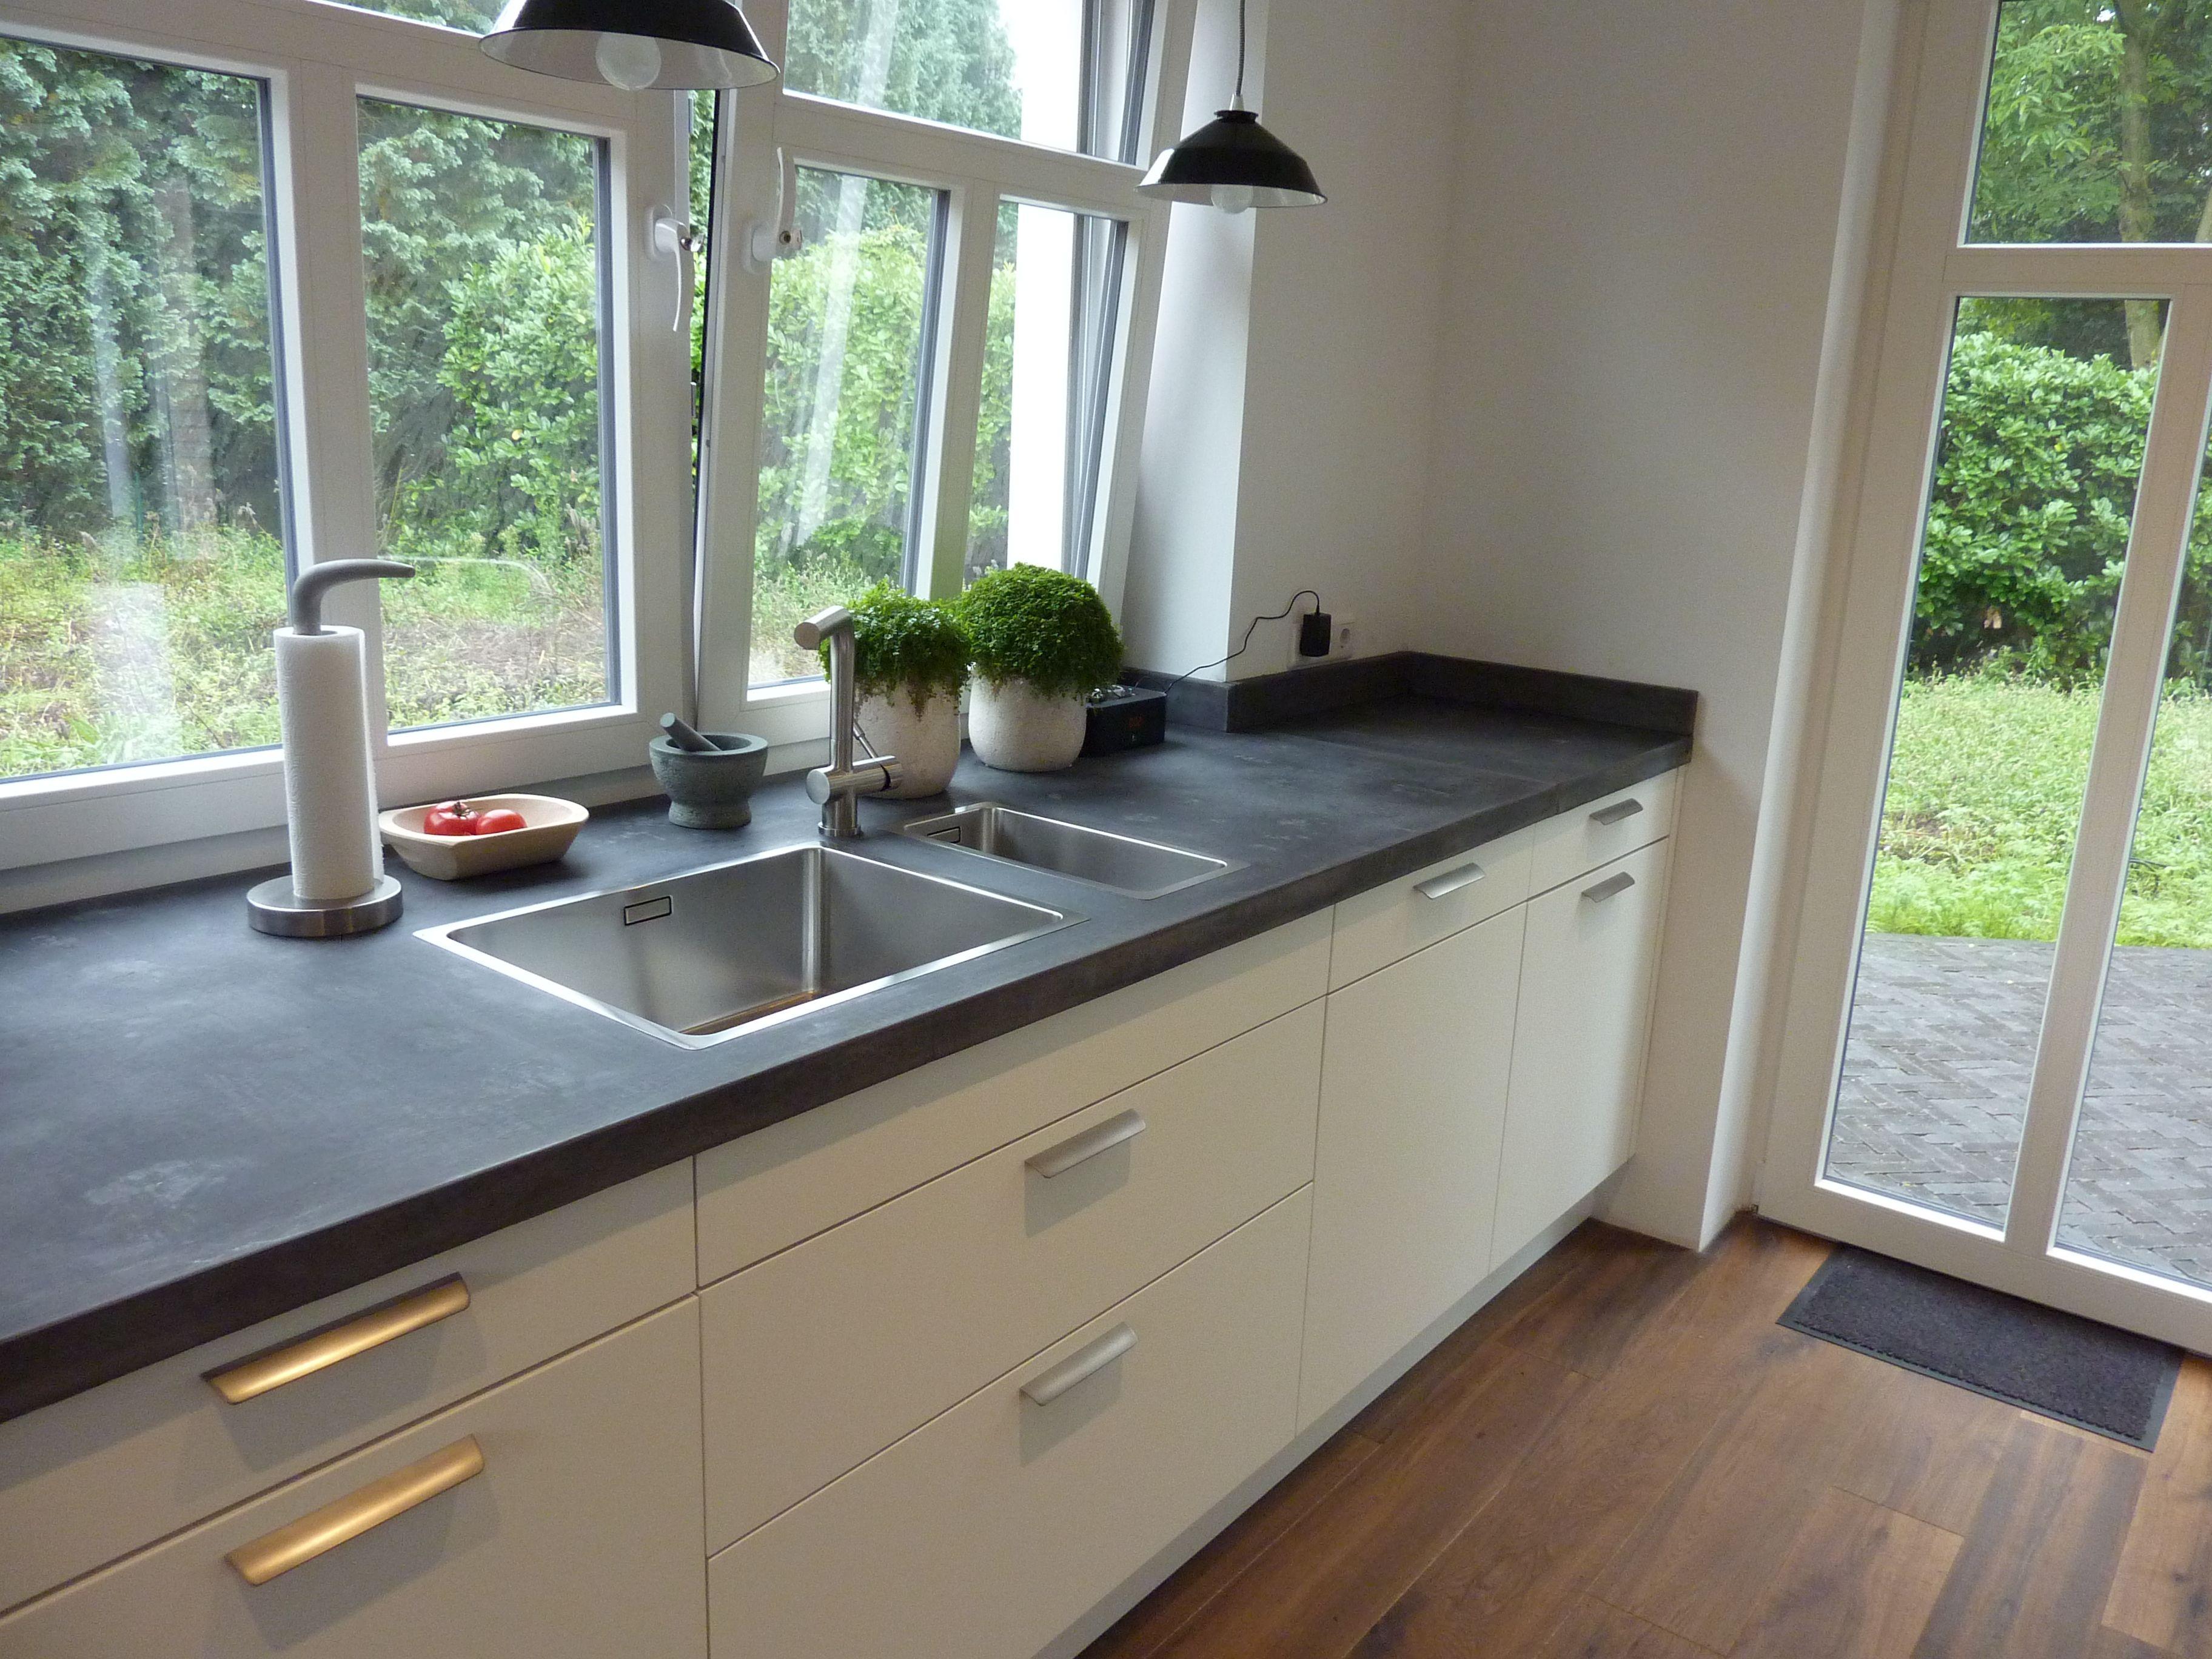 Erfreut Küchenarbeitsplatte Fotogalerie Fotos - Küchenschrank Ideen ...